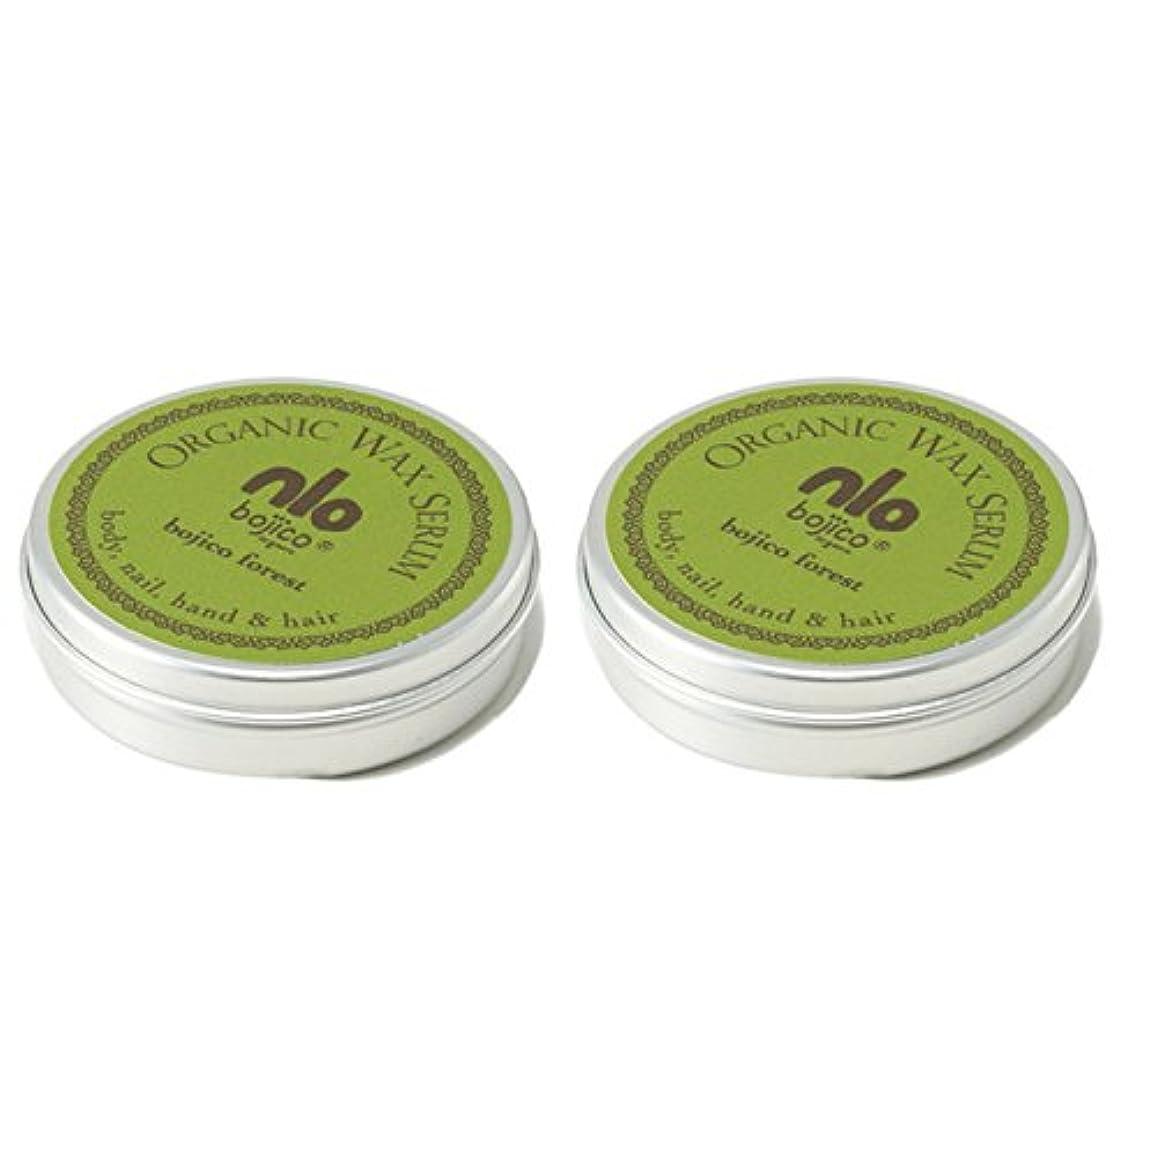 感謝している影のあるお肉【40g×2個セット】 ボジコ オーガニック ワックス セラム <フォレスト> bojico Organic Wax Serum 40g×2